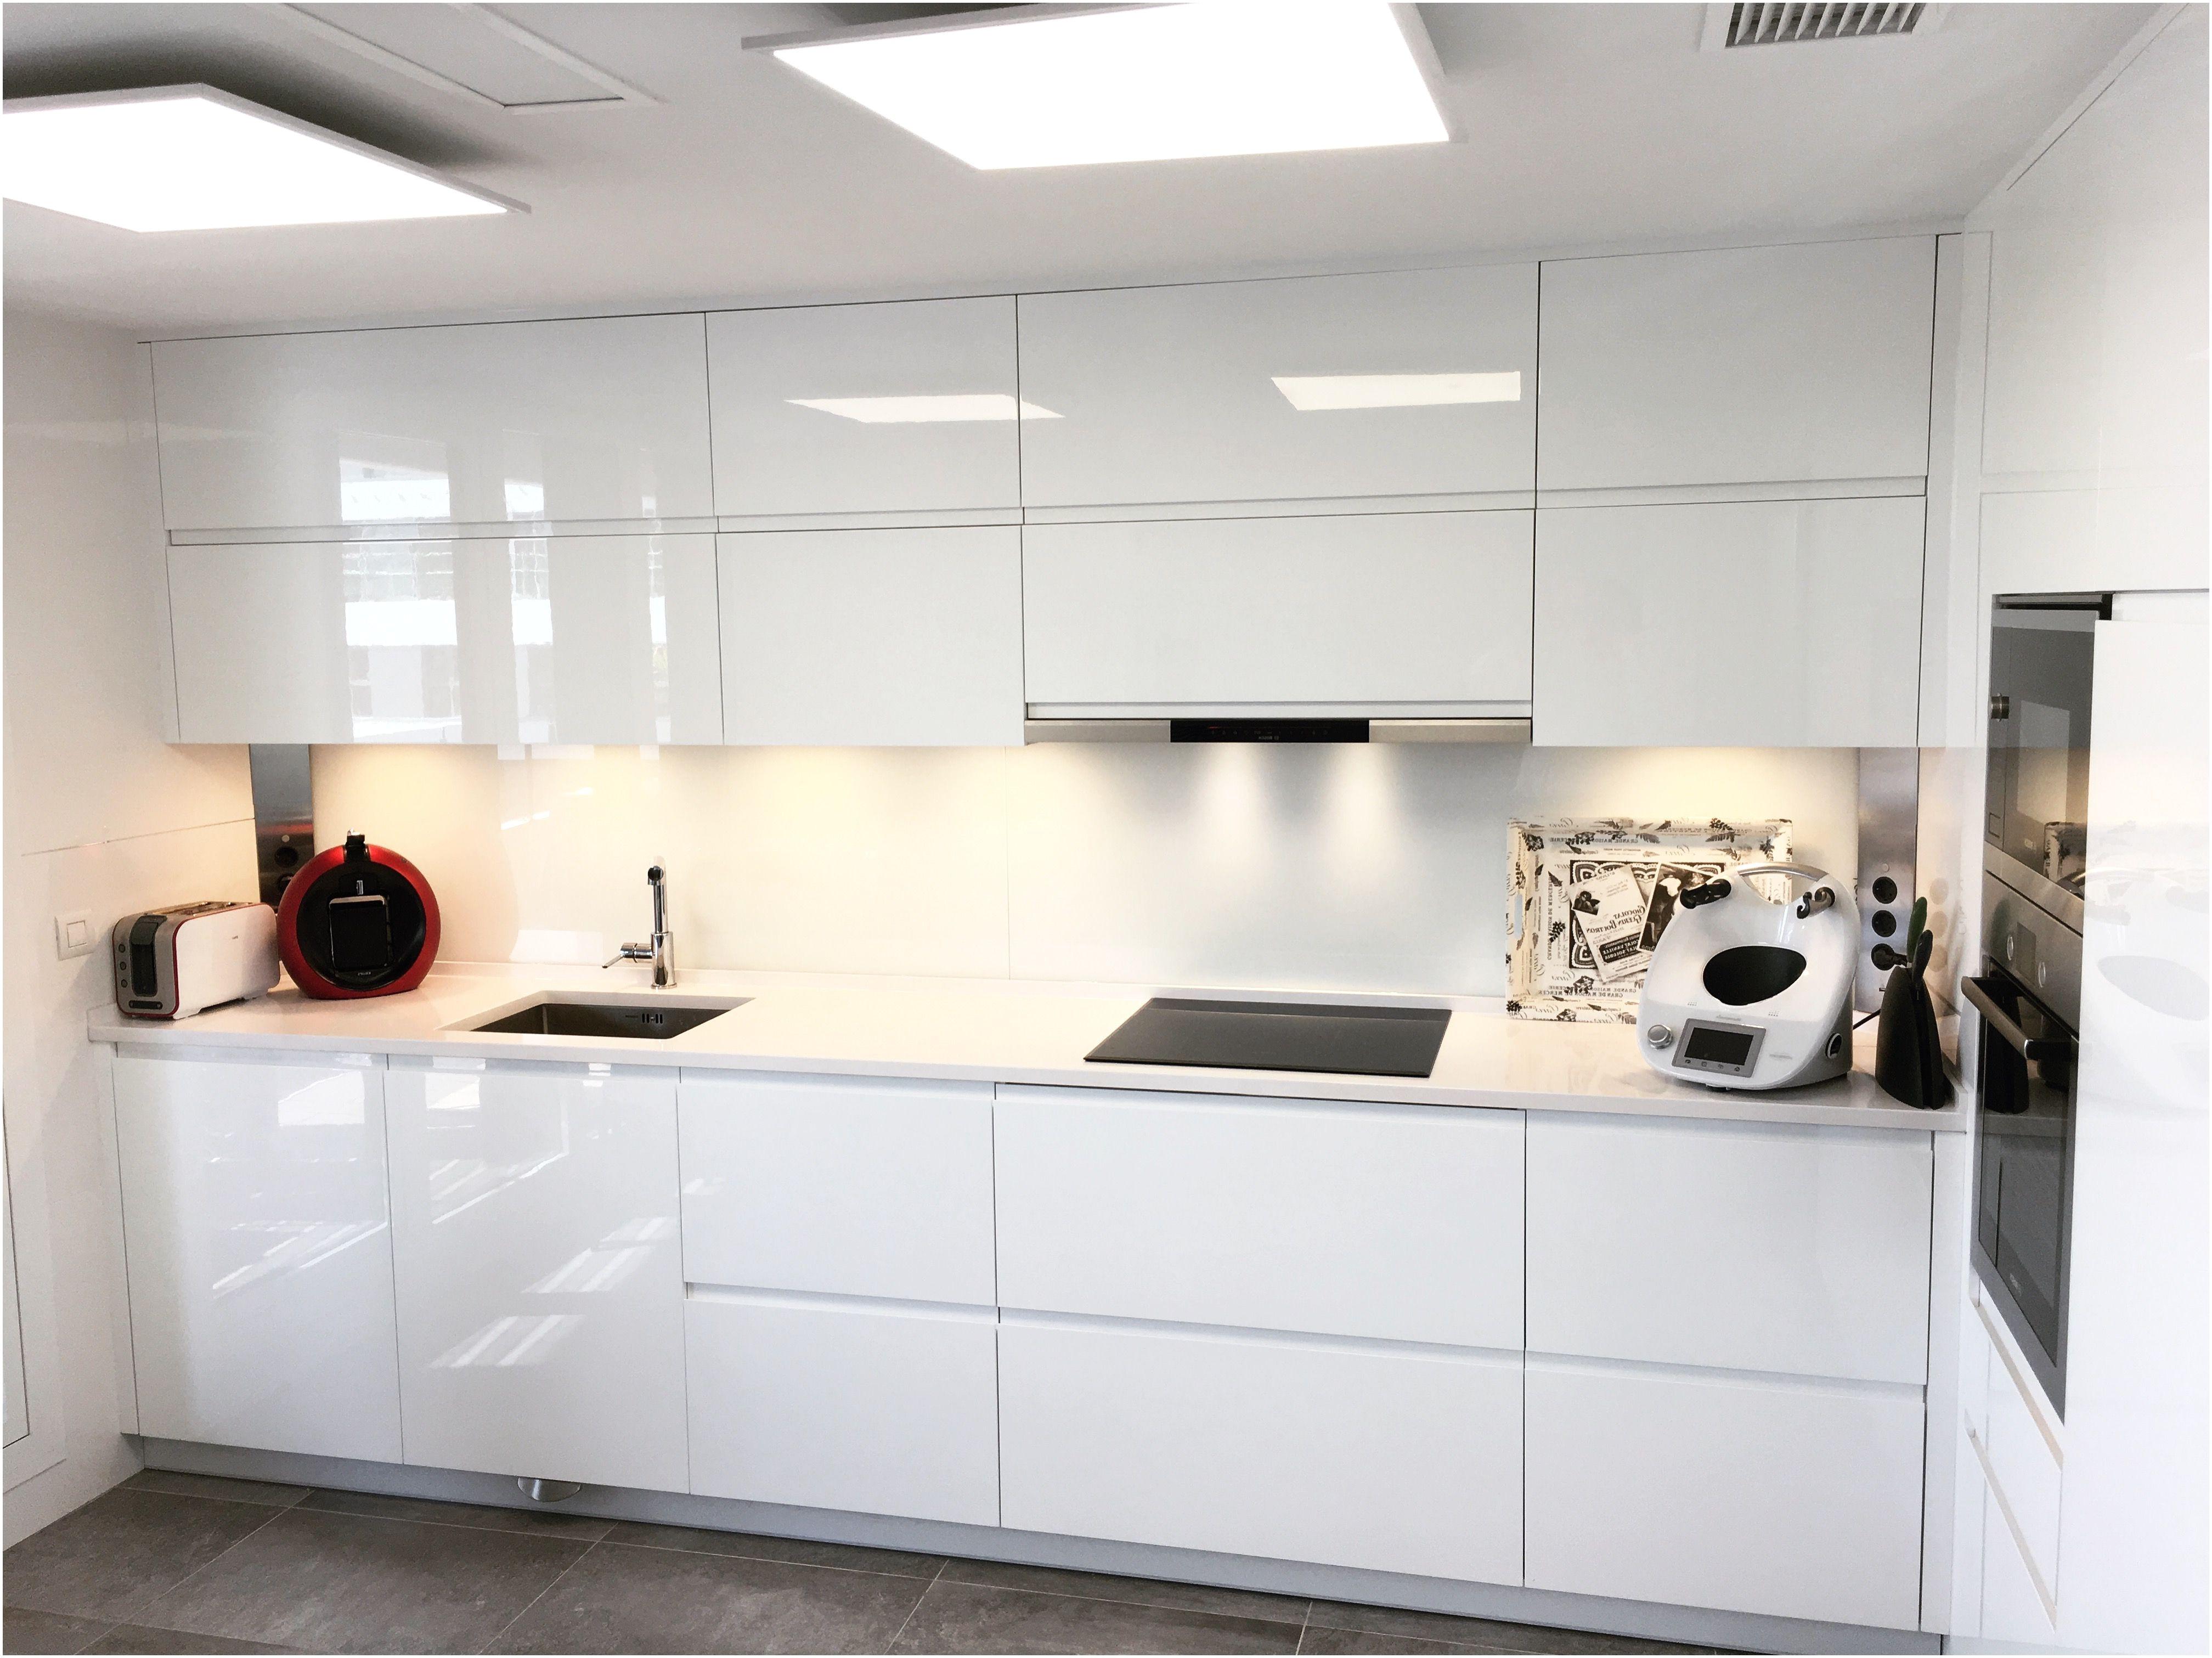 suelos para cocinas blancas por fascinador 15 elegante encimeras para cocinas blancas interior de la casa estilo para suelos para cocinas blancas jpg